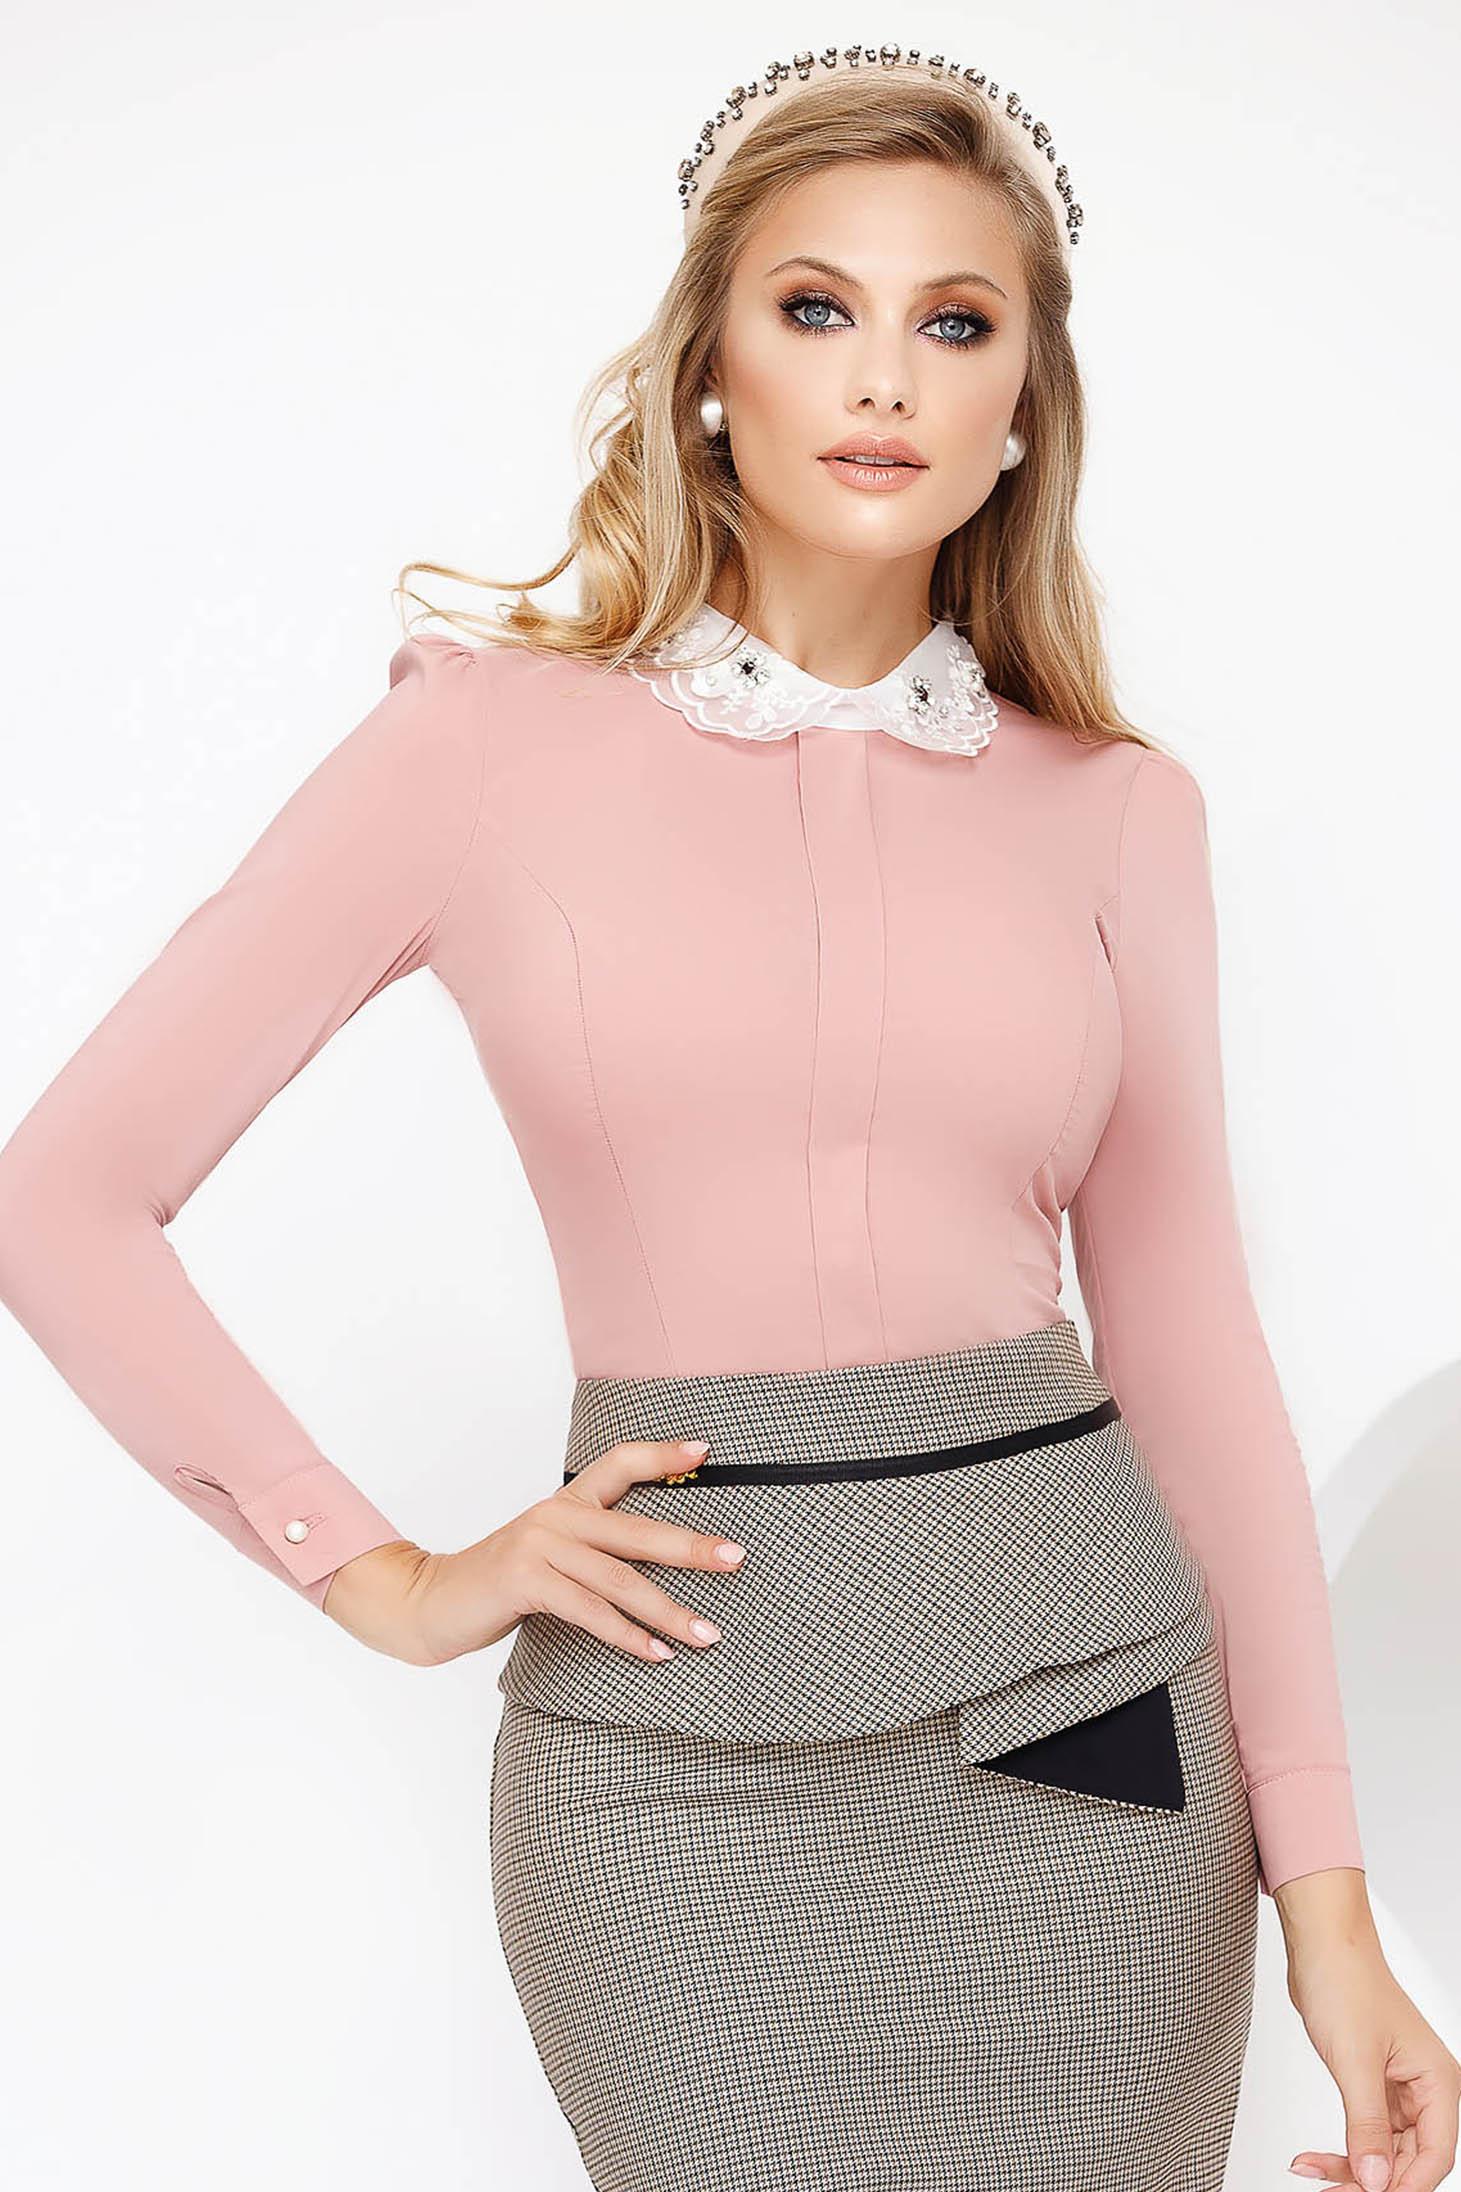 Camasa dama Fofy roz deschis office cu un croi mulat din bumbac usor elastic cu guler cu aplicatii cu pietre strass